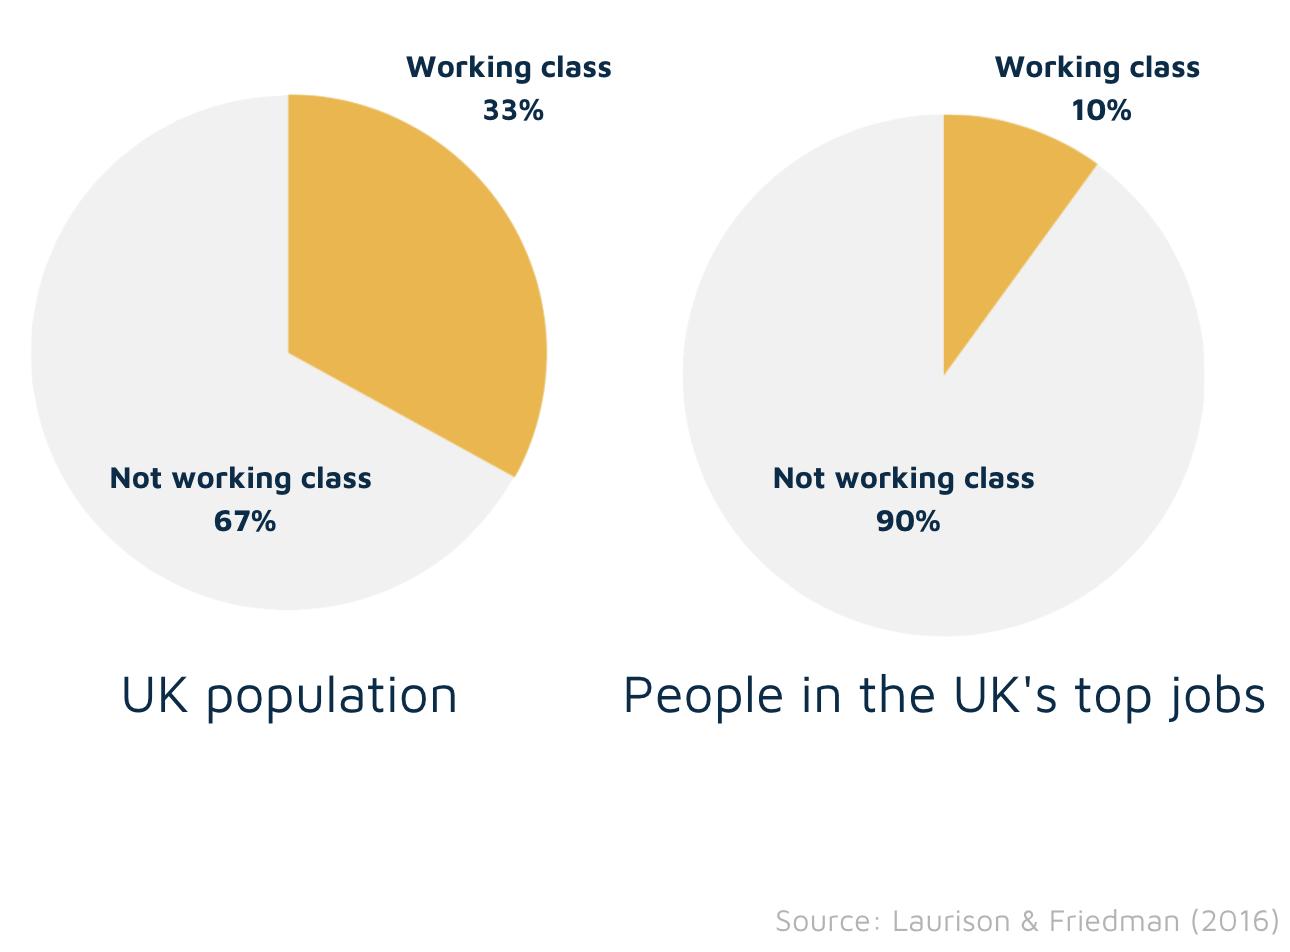 UK population vs Top jobs representation